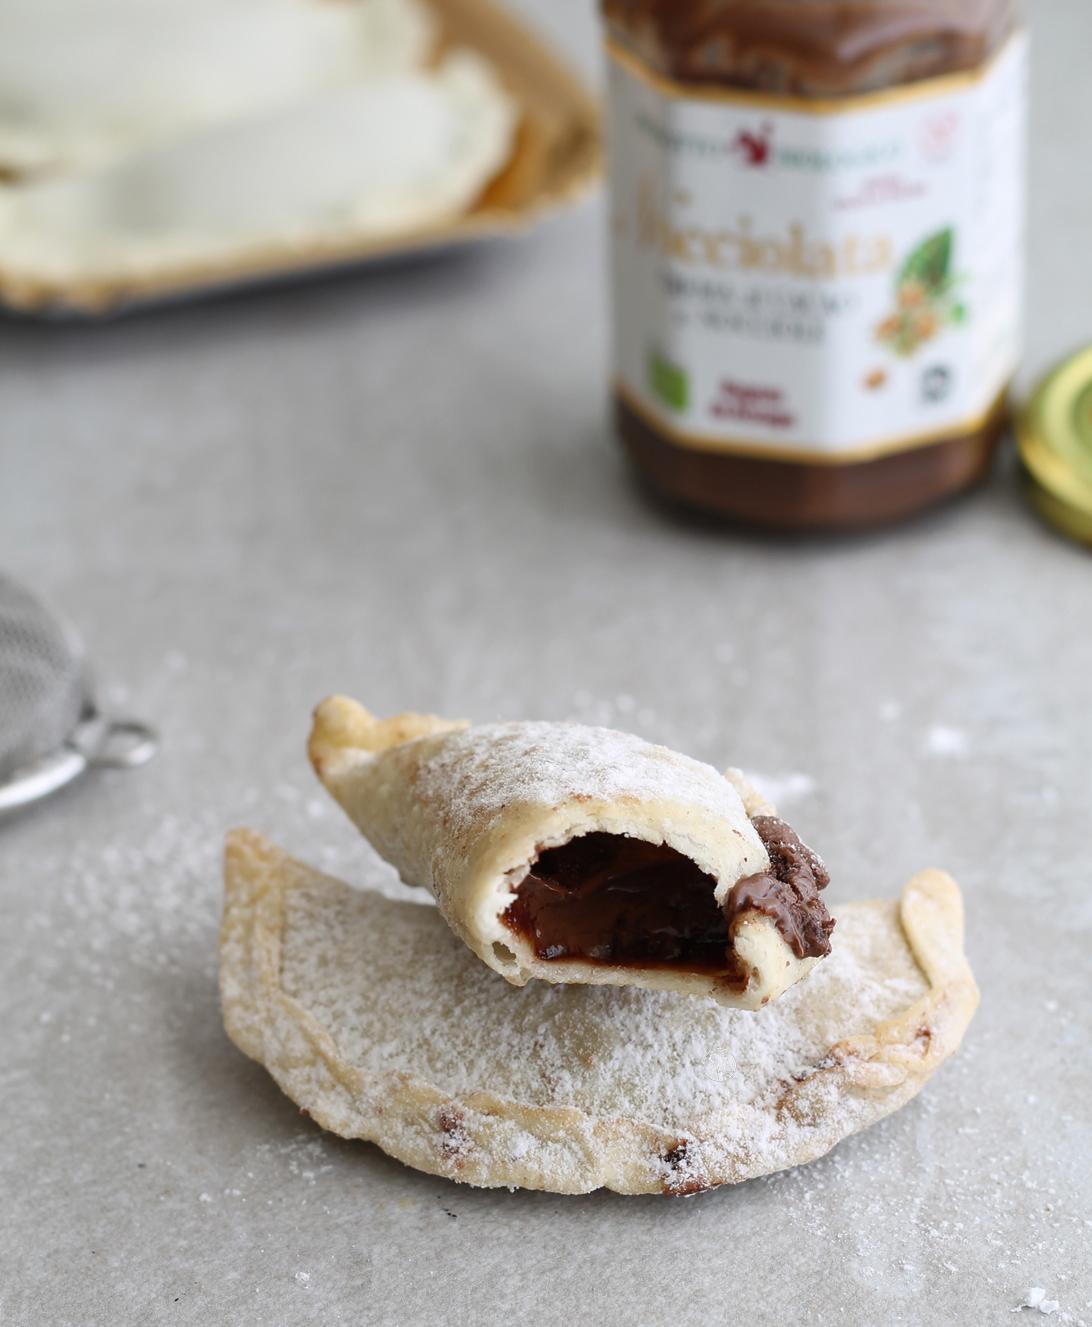 Cassatelle senza glutine con crema di nocciole - La Cassata Celiaca